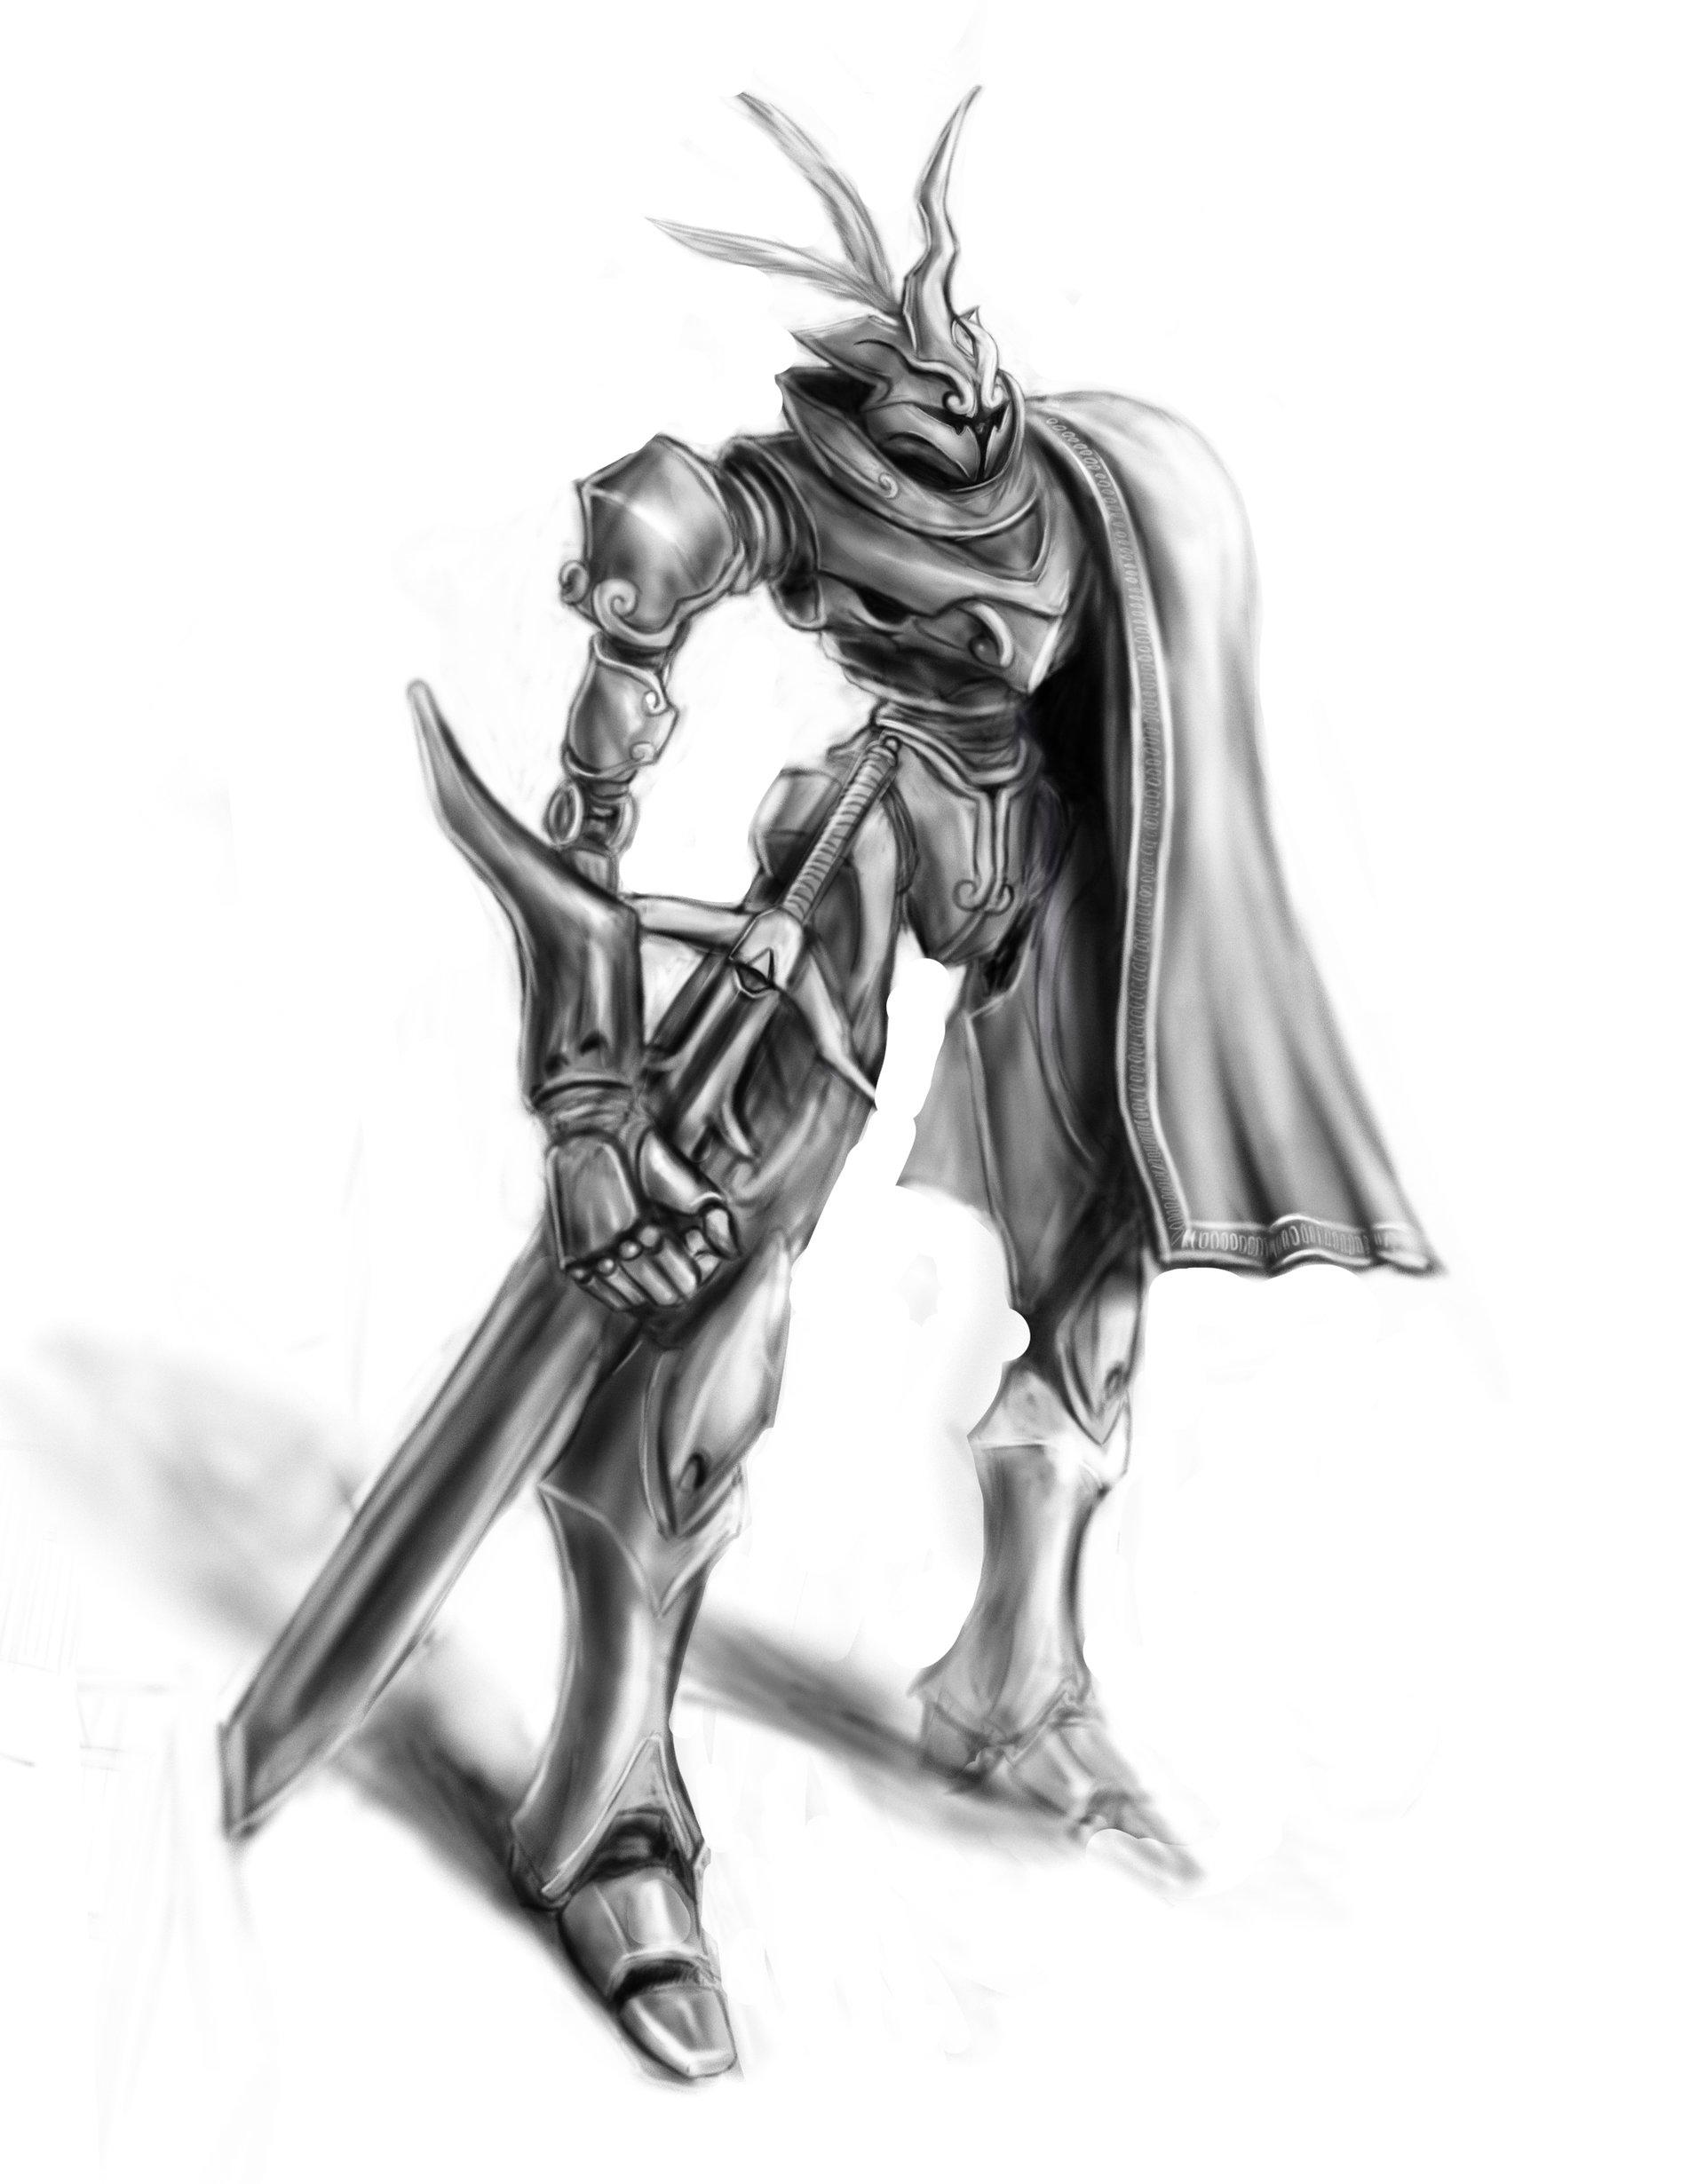 Luis santander mech sketch